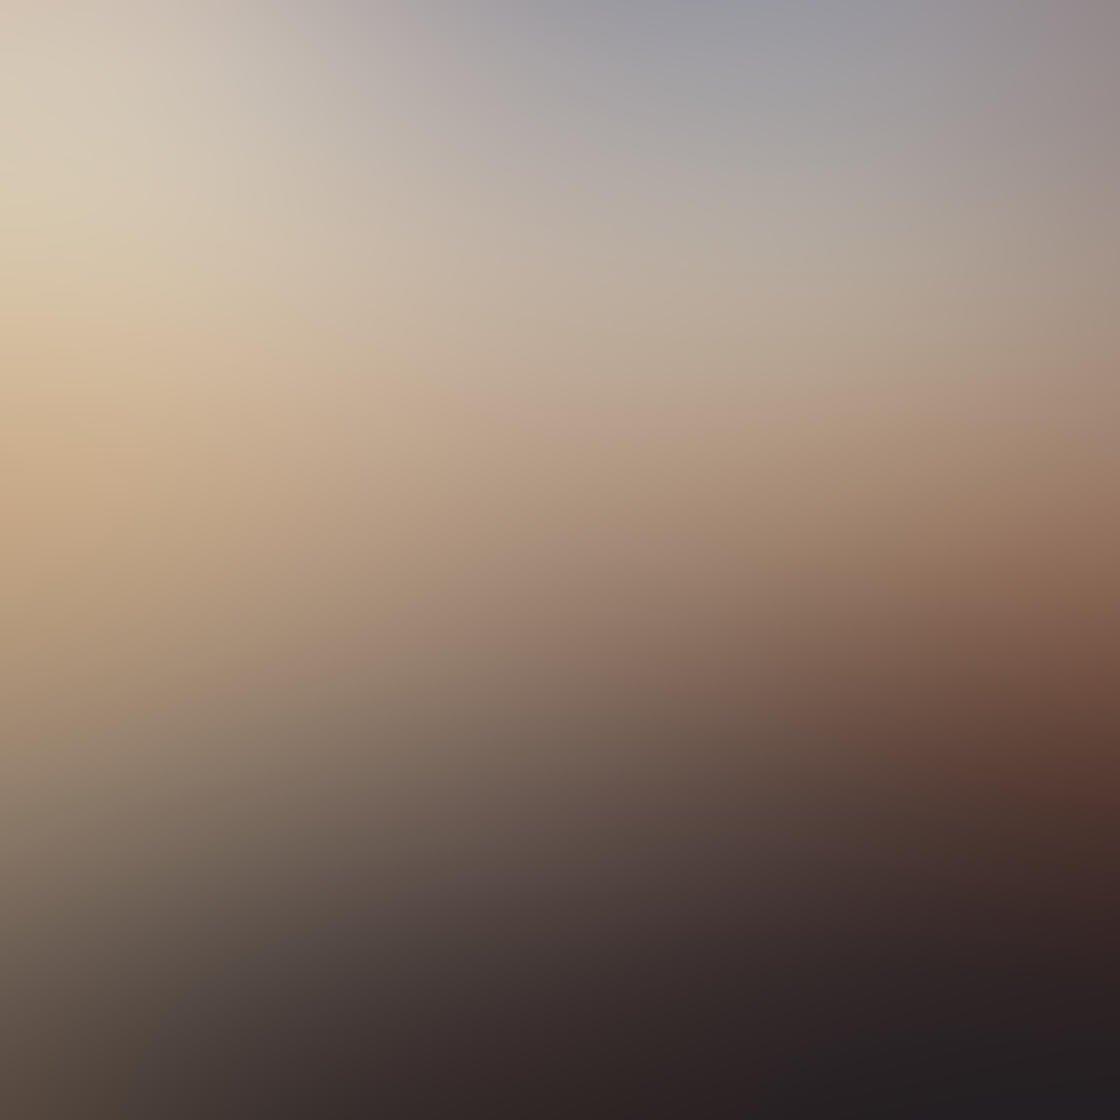 Landscape iPhone Photo Composition 24